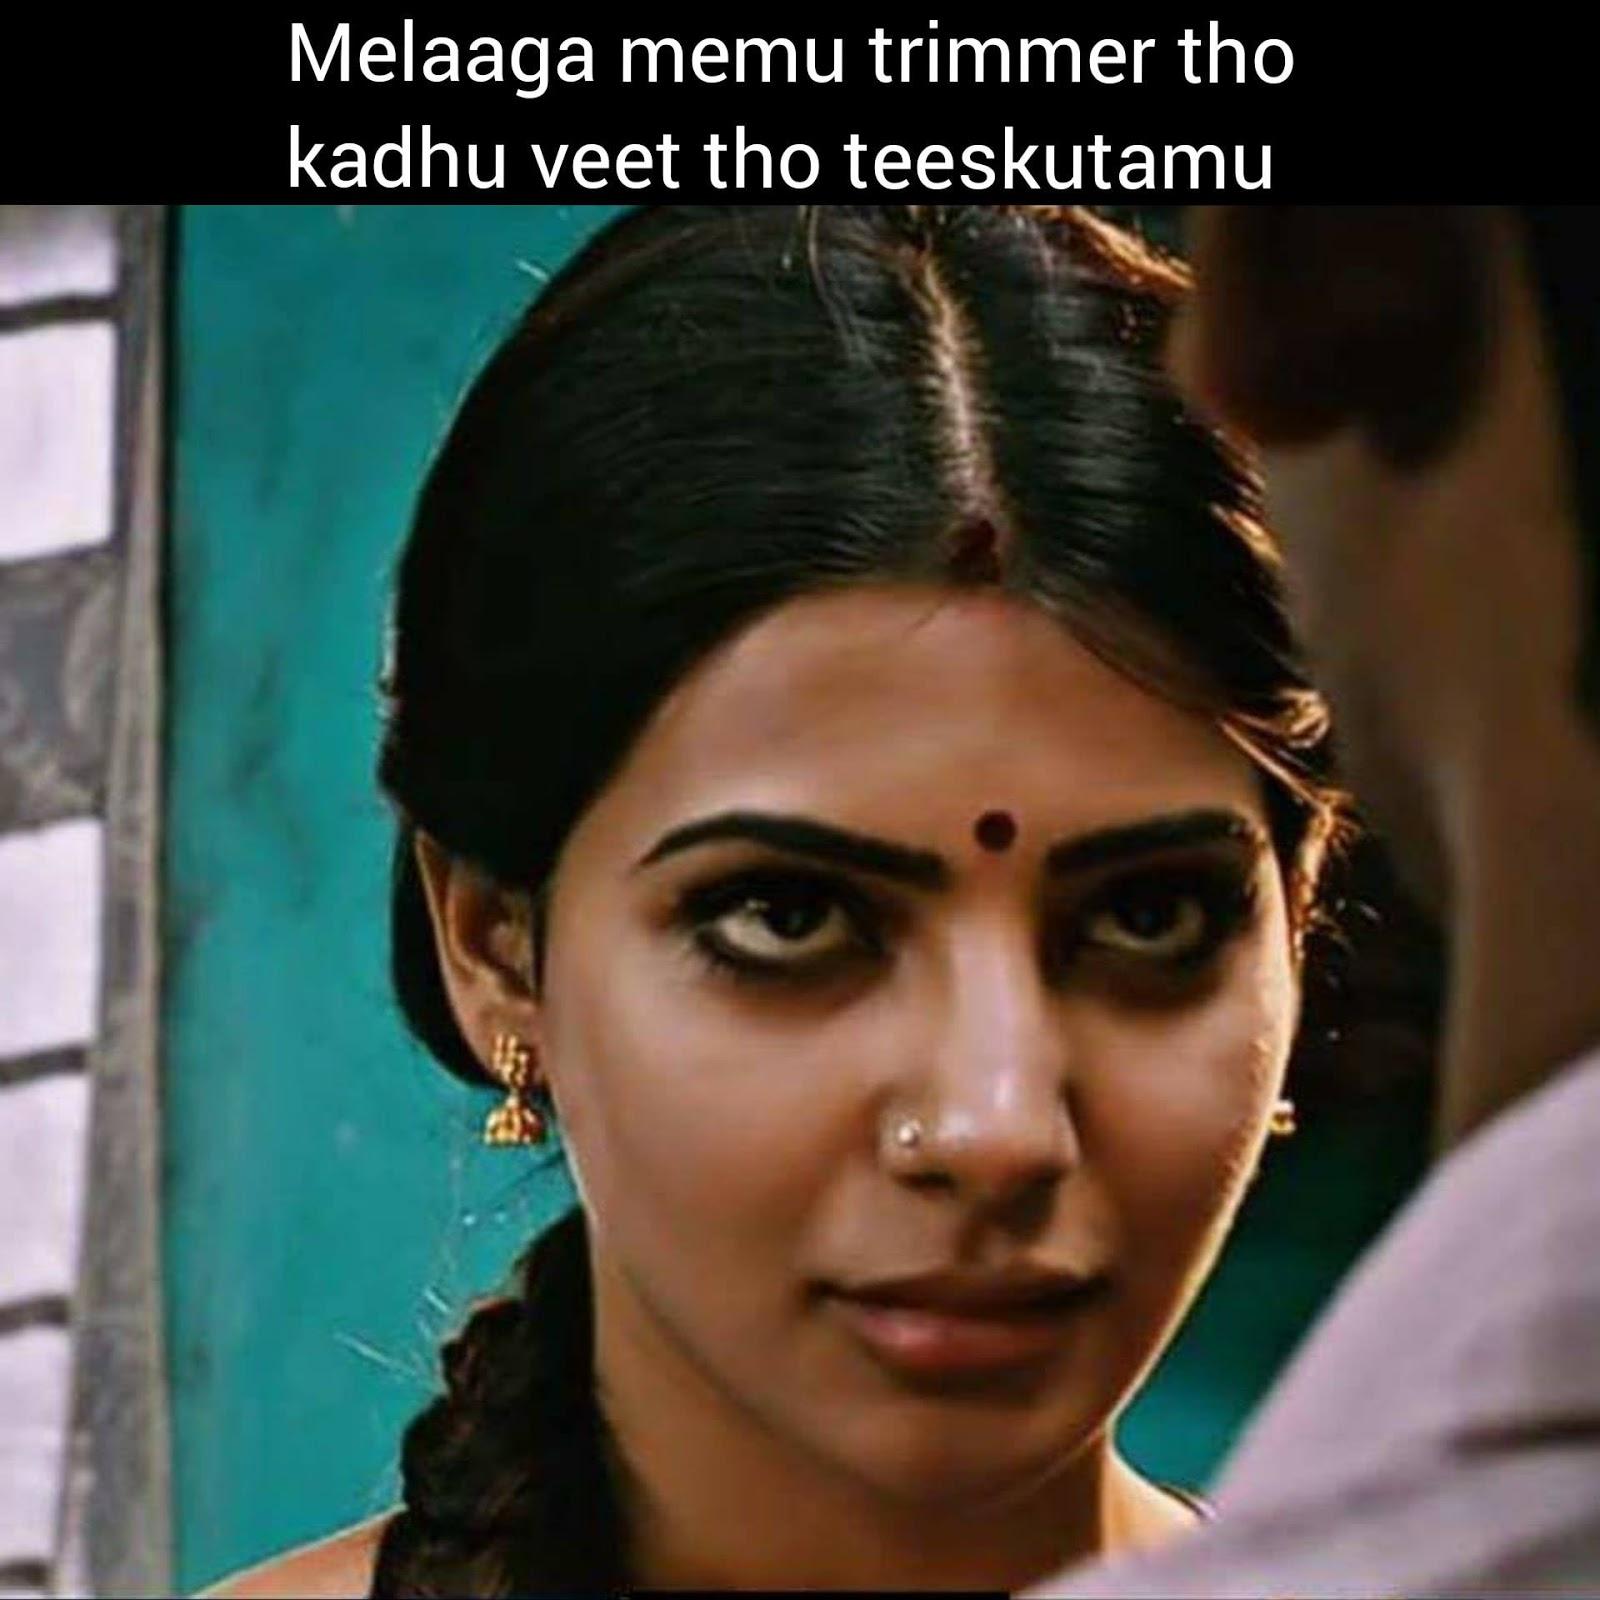 Telugu And English Adult Memes